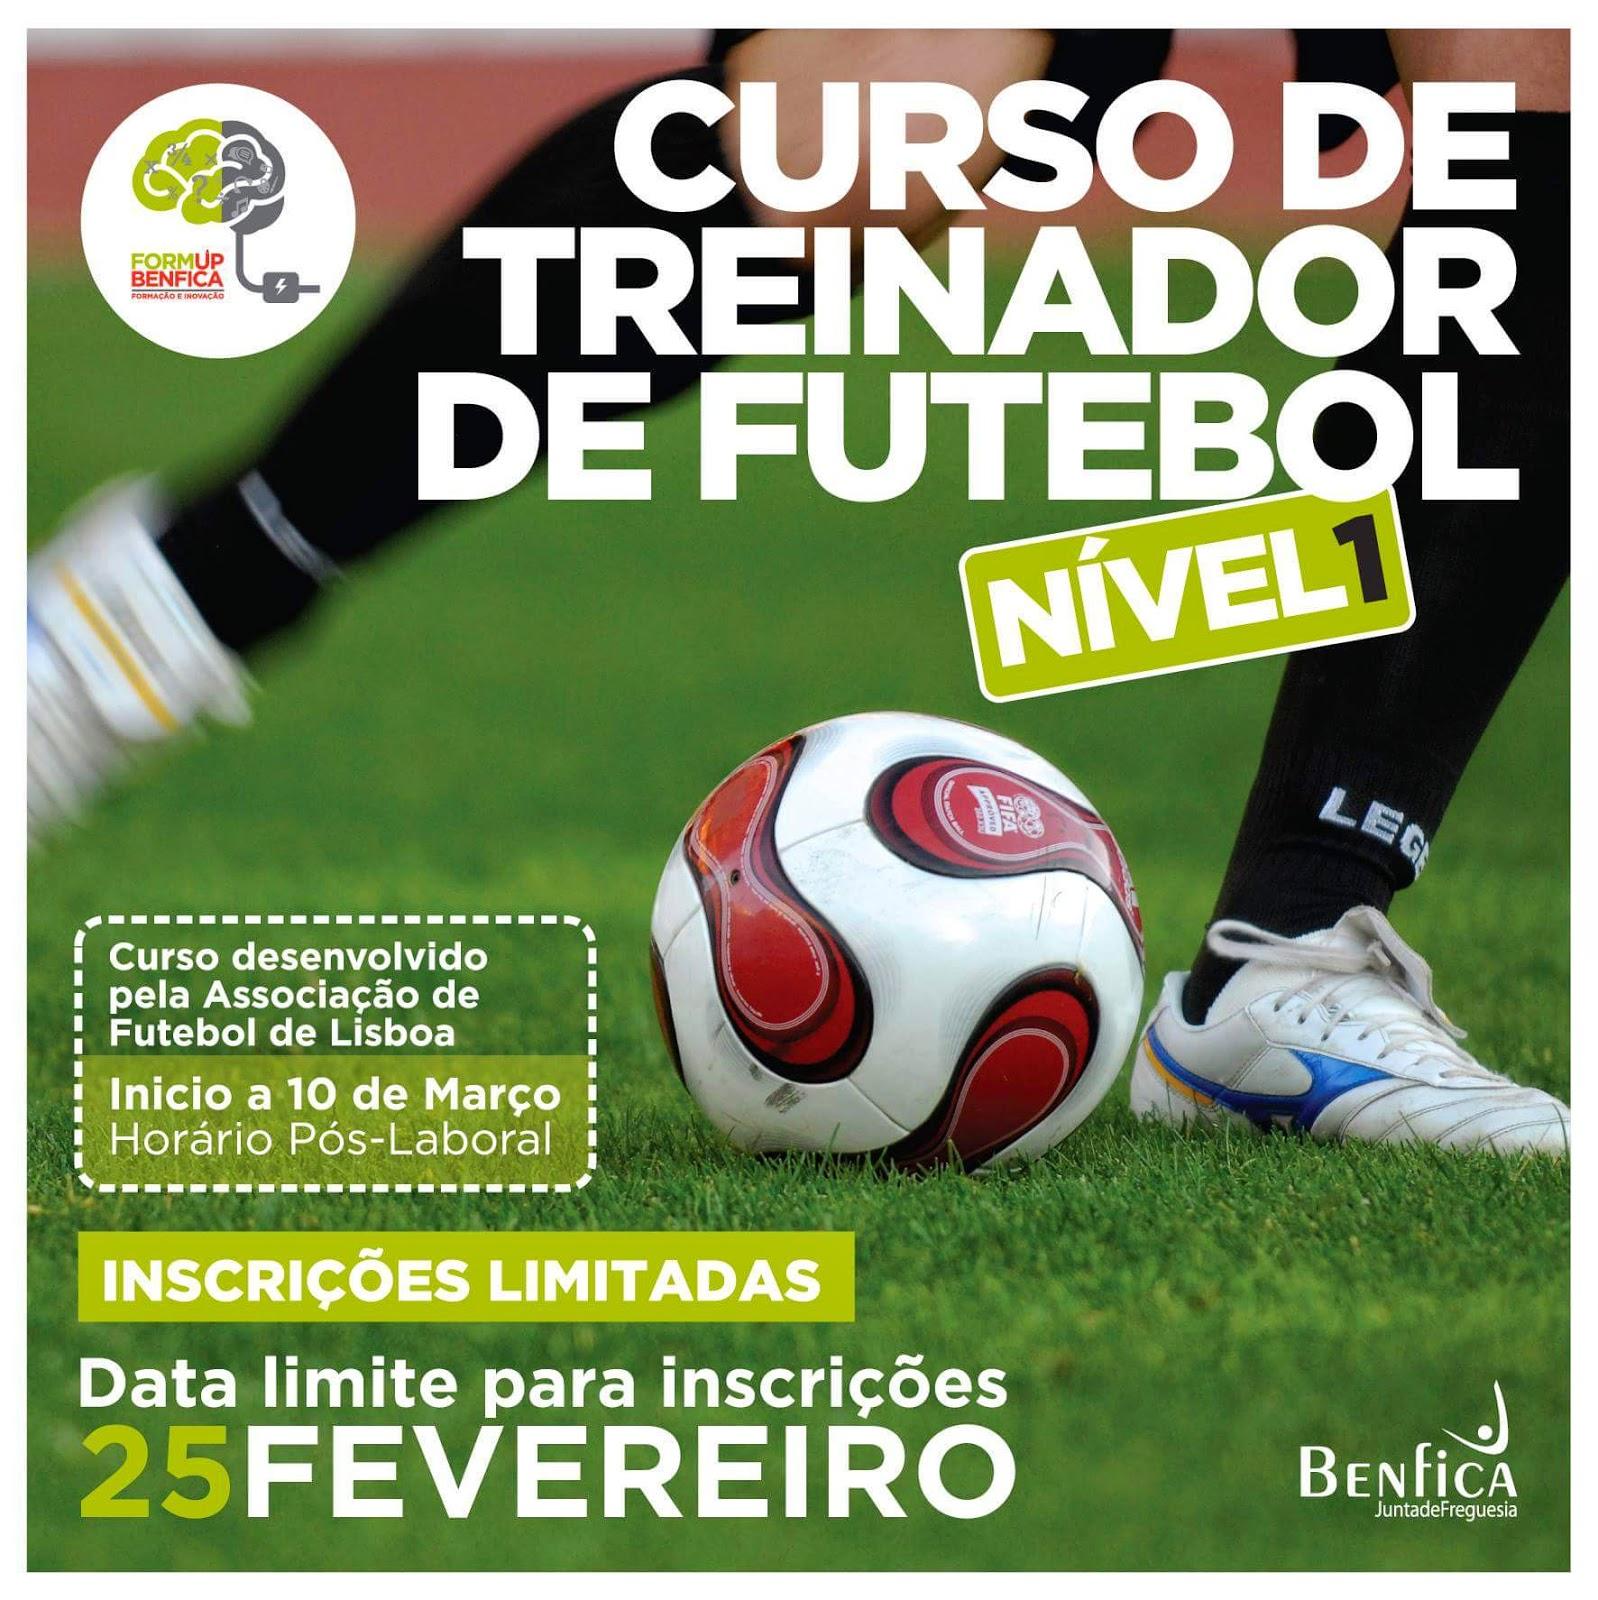 1ace5e4759 Curso Treinador de Futebol (inscrições até 25 de Fevereiro na Junta de  Benfica)